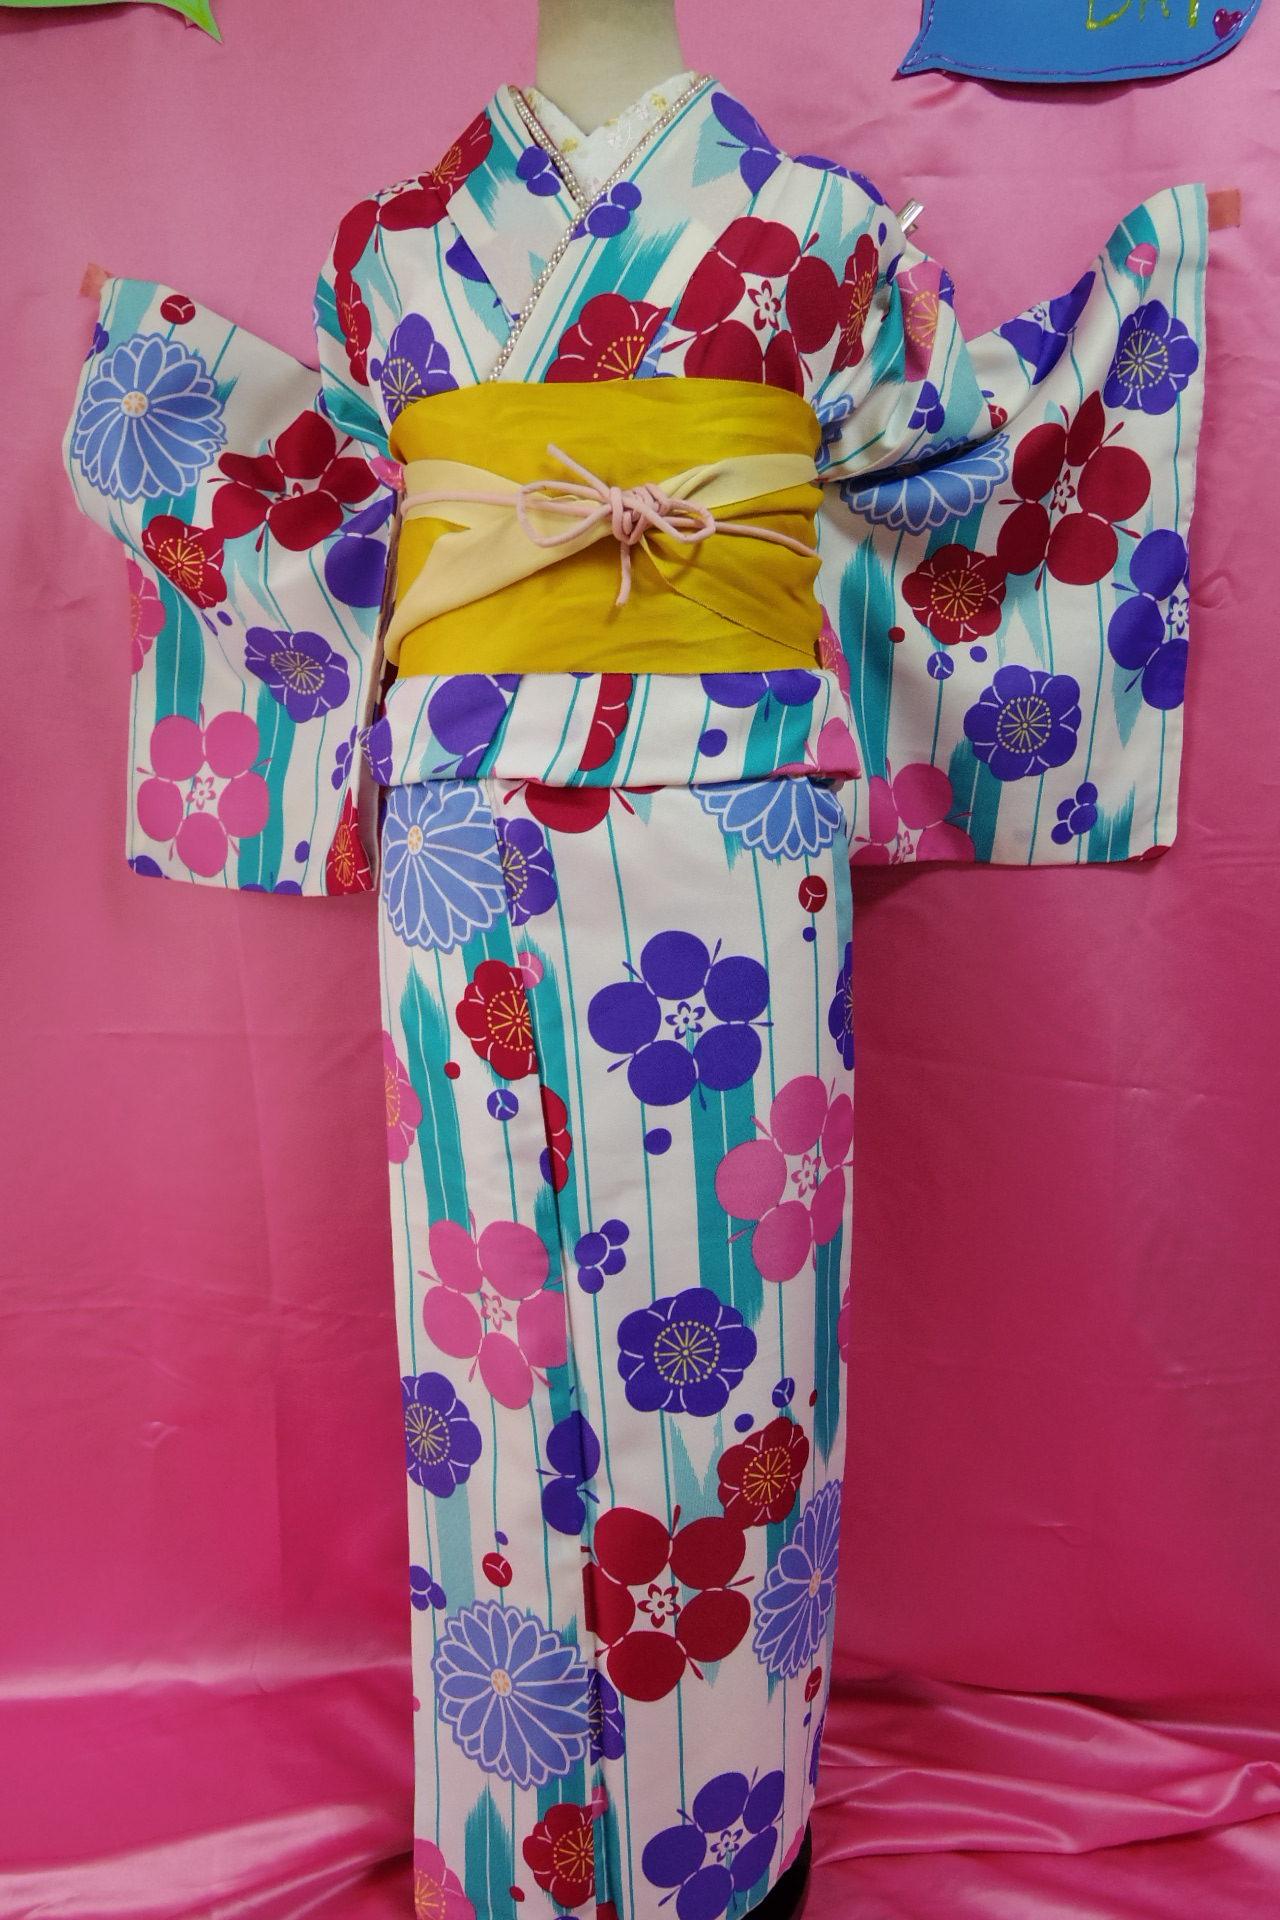 10月20日(土)「ふじさわ江ノ島花火大会」は着物でお出かけしましょう!